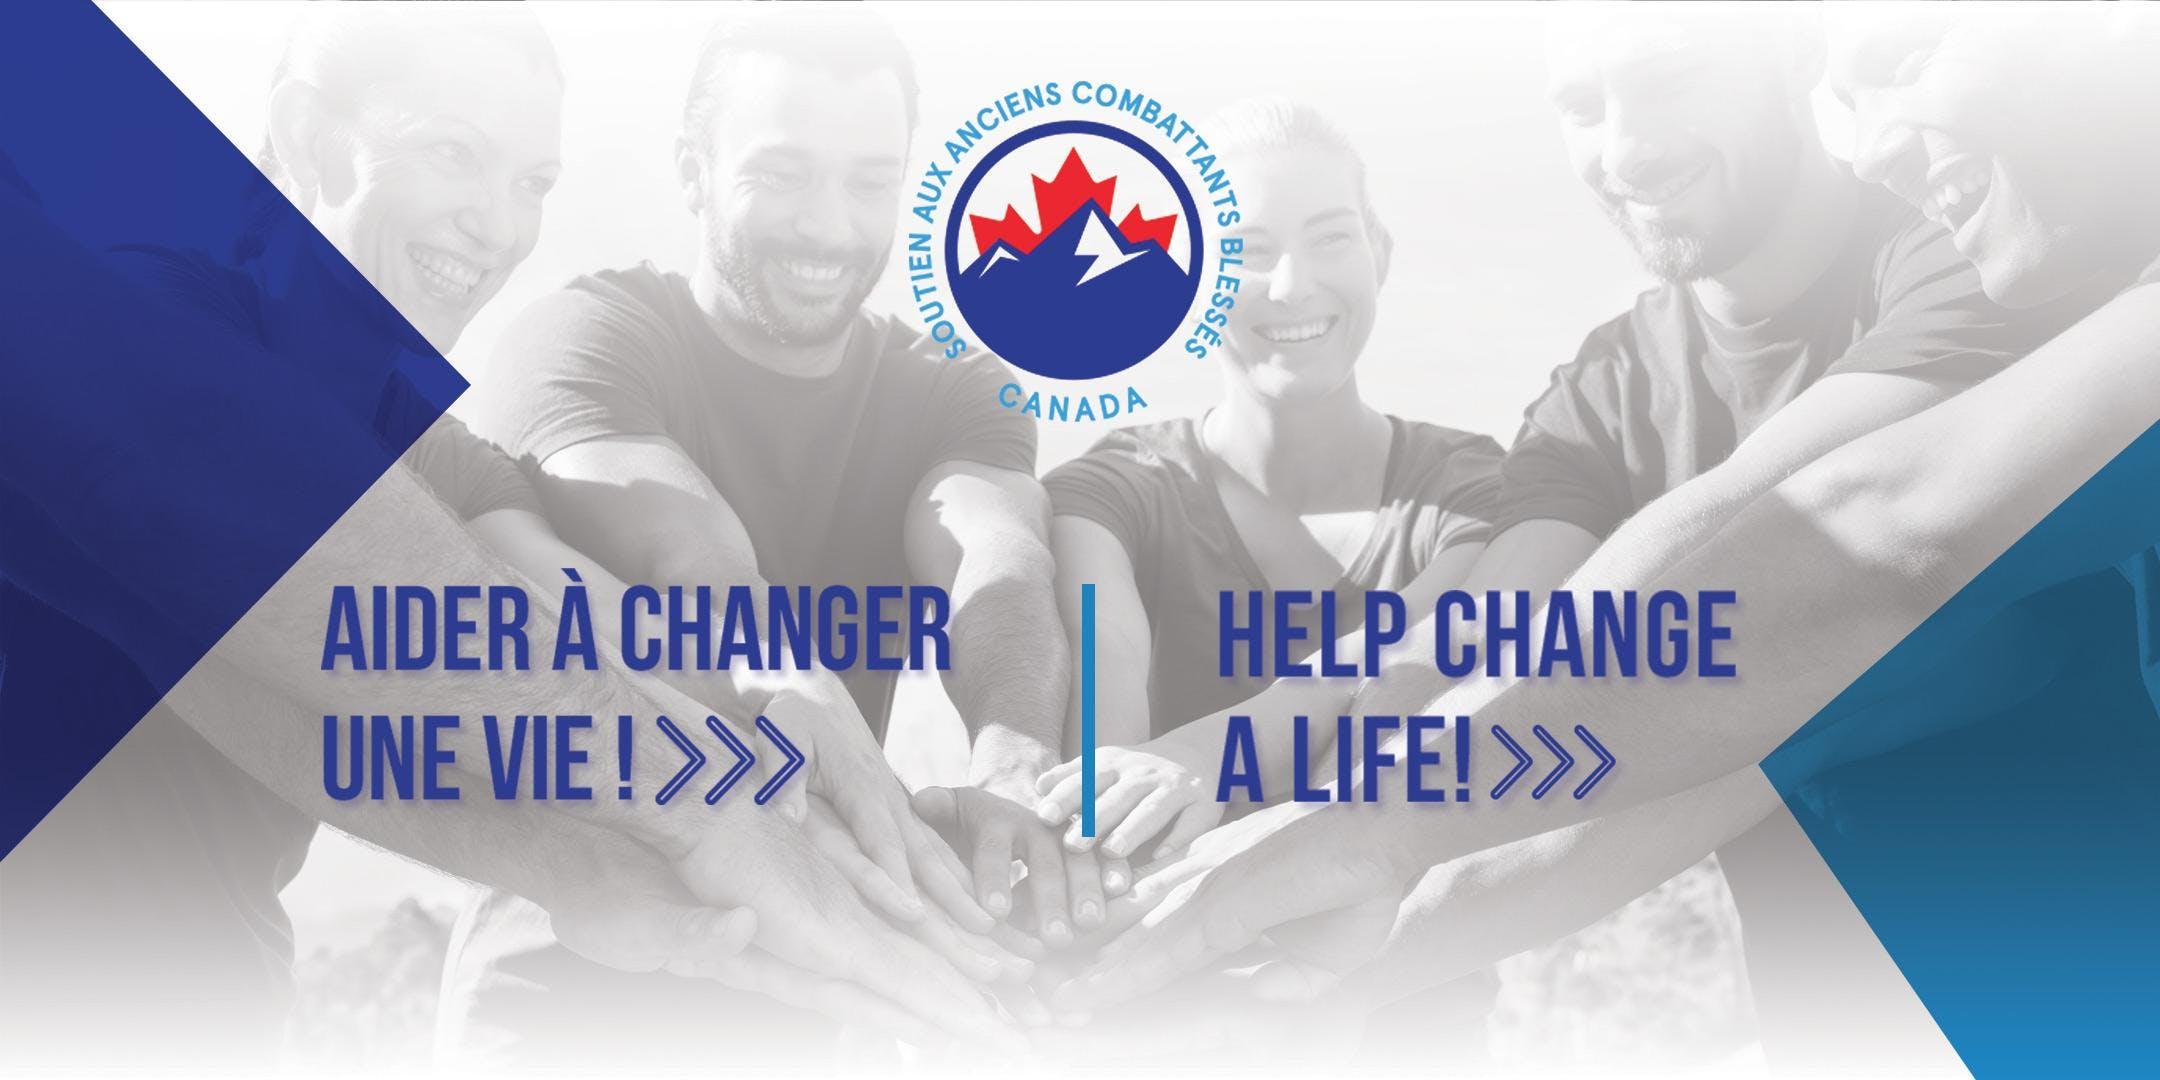 Lancement de campagne - Aider à Changer une Vie! - Campaign Launch - Help Change a Life!